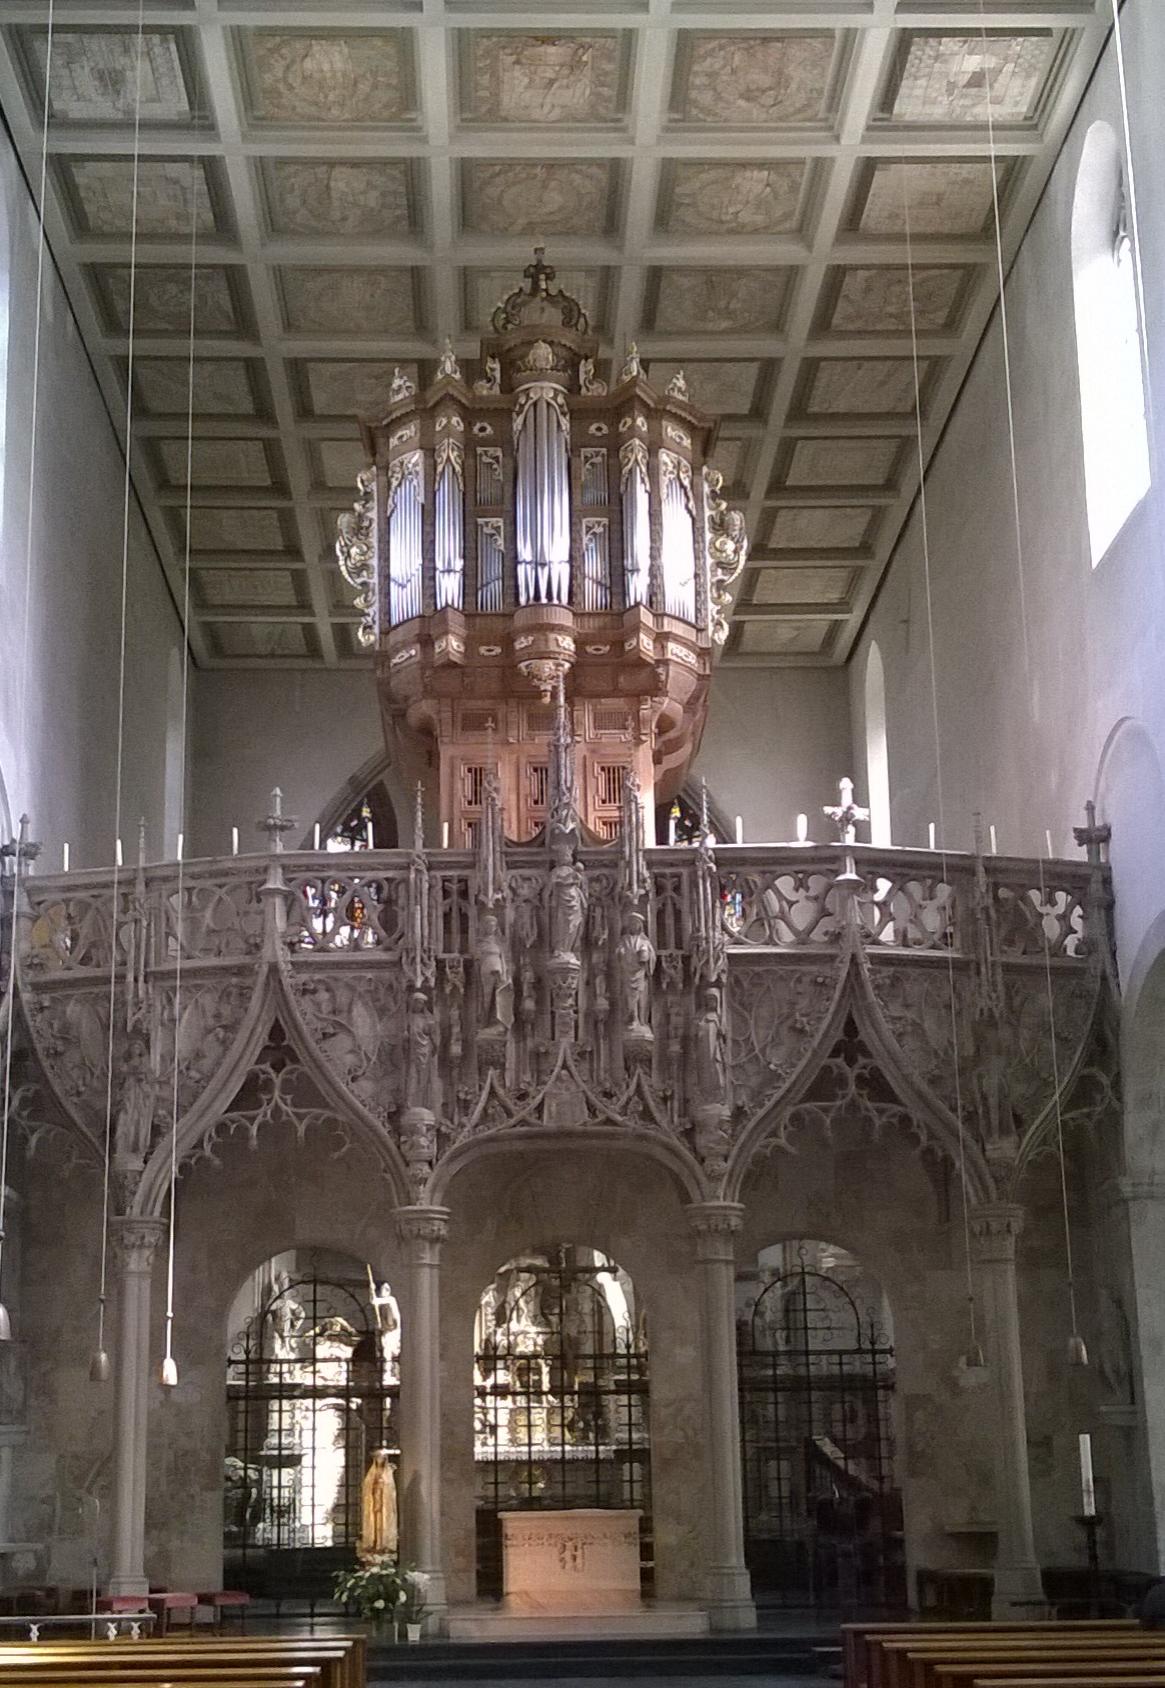 In St. Pantaleon thront eine neue Orgel (1963) im historischen Gehäuse auf einem gotischen Lettner.